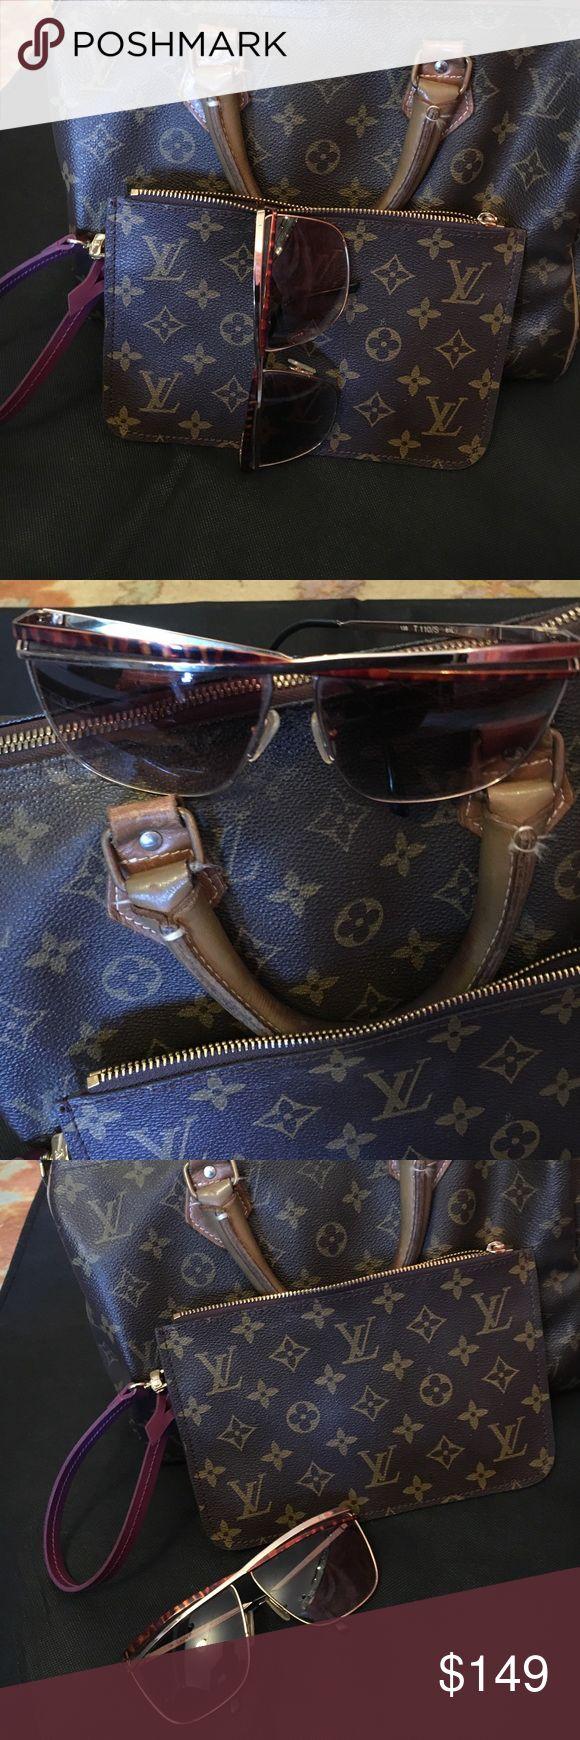 Vintage Laura Biagiotti sunglasses Vintage Laura Biagiotti 80s tortoise shell sunglasses. Made in Italy laura biagiotti Accessories Sunglasses